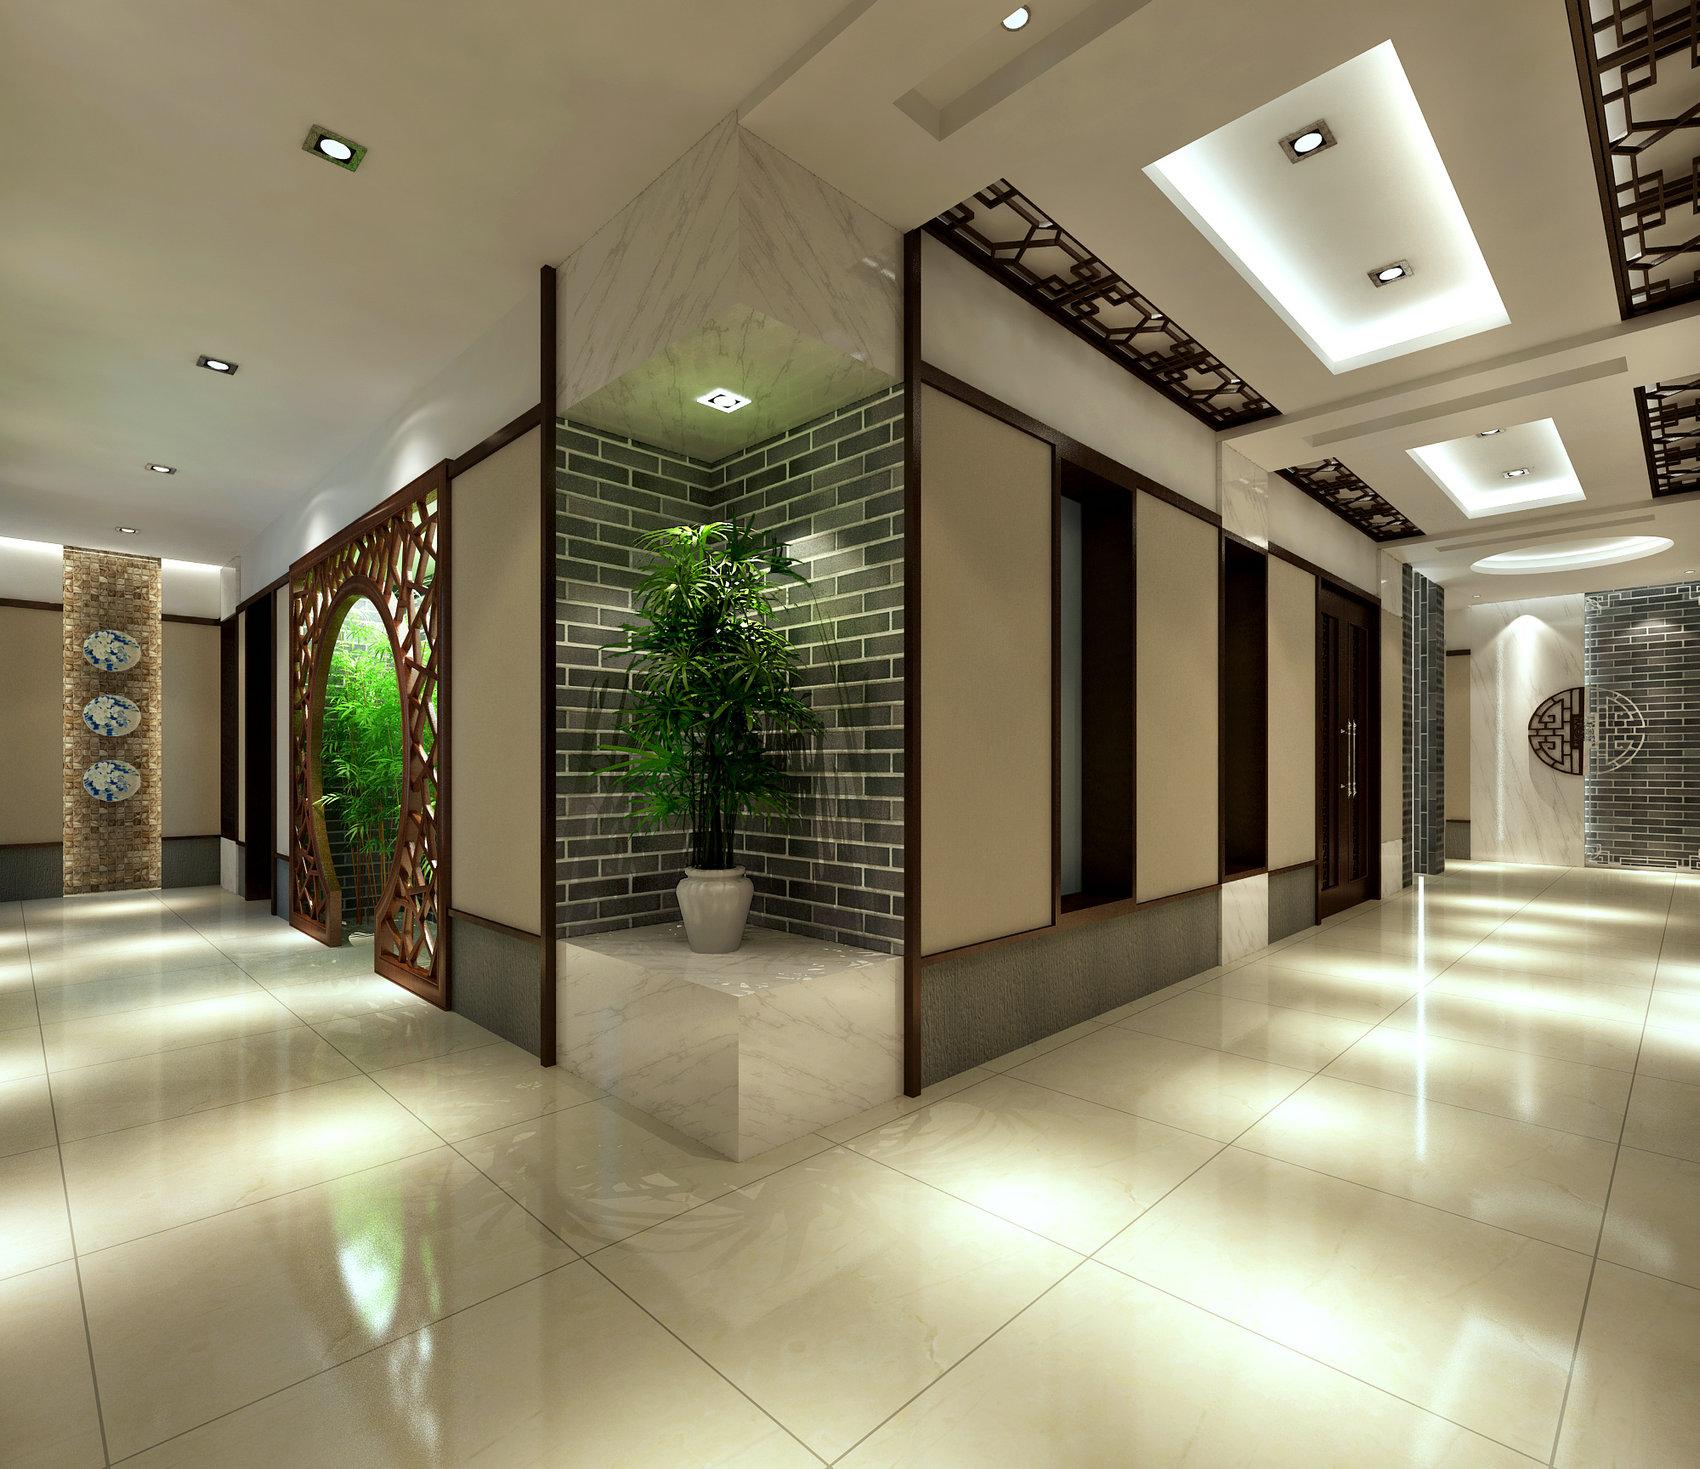 办公空间 现代风格 腾龙设计 其他图片来自孔继民在办公空间设计案例展示的分享